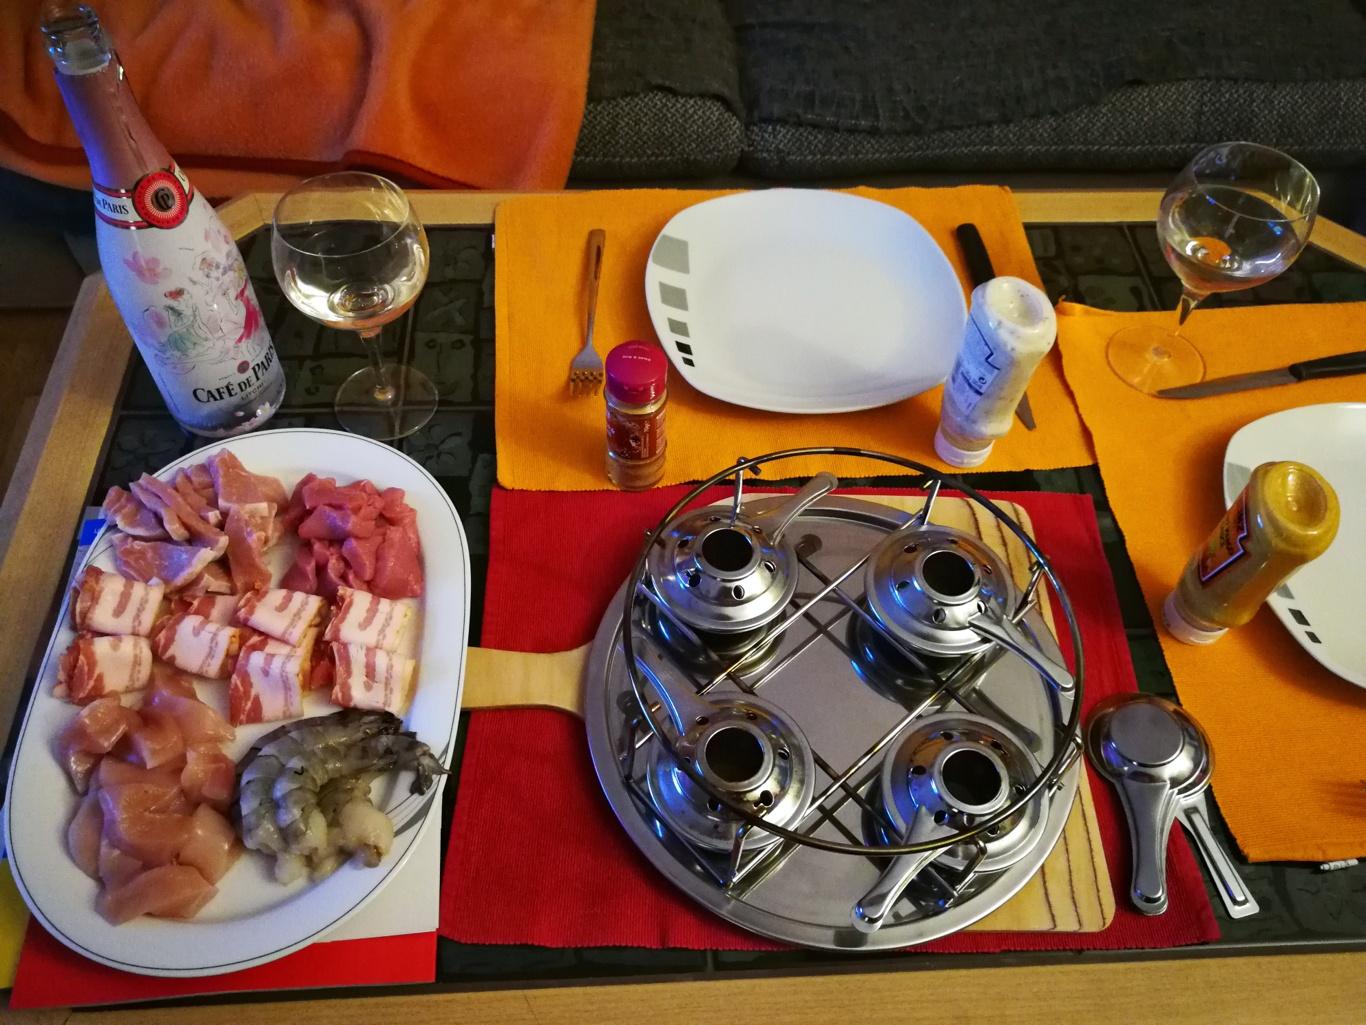 Tischgrill, Fleischstücke, Speck, Crevetten auf Platte